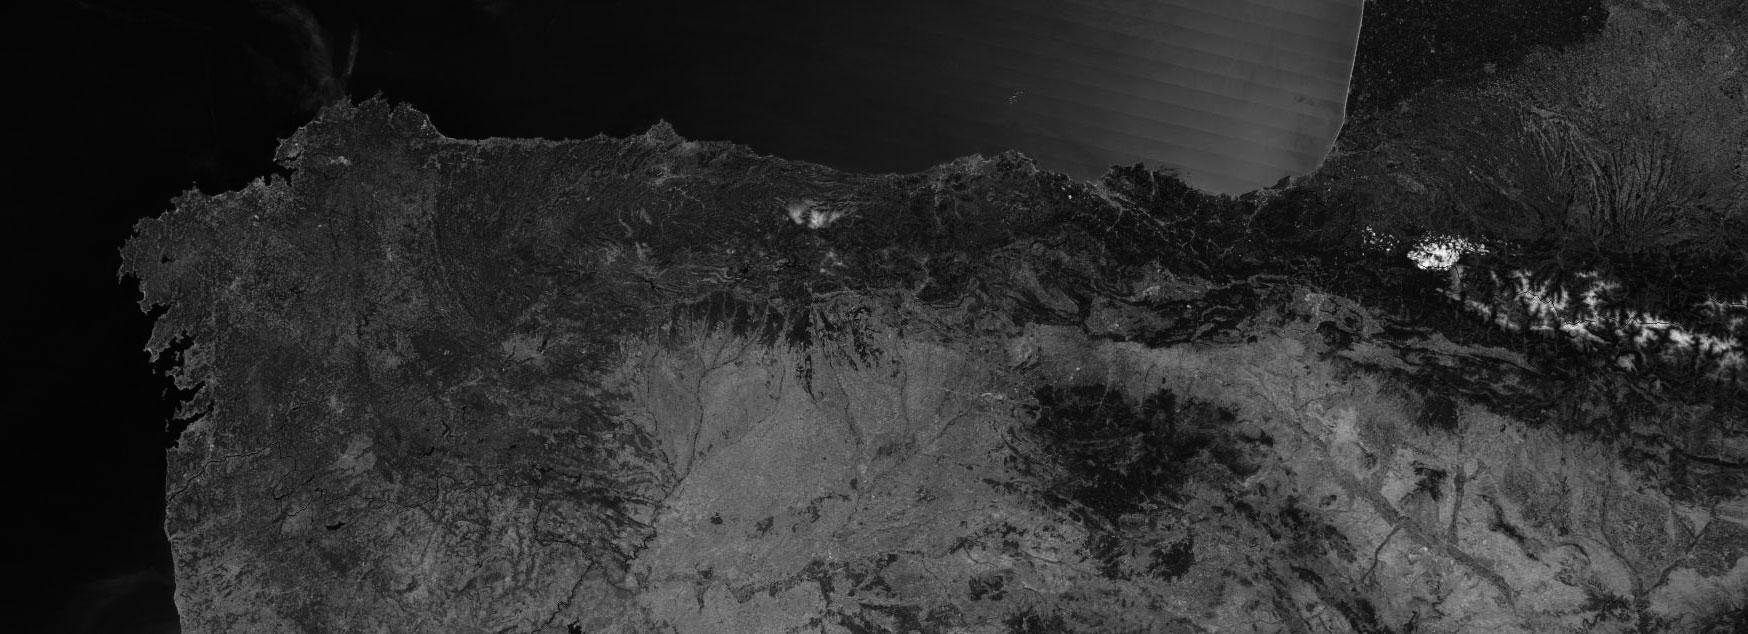 Mapa-Satelital-de-Espaa